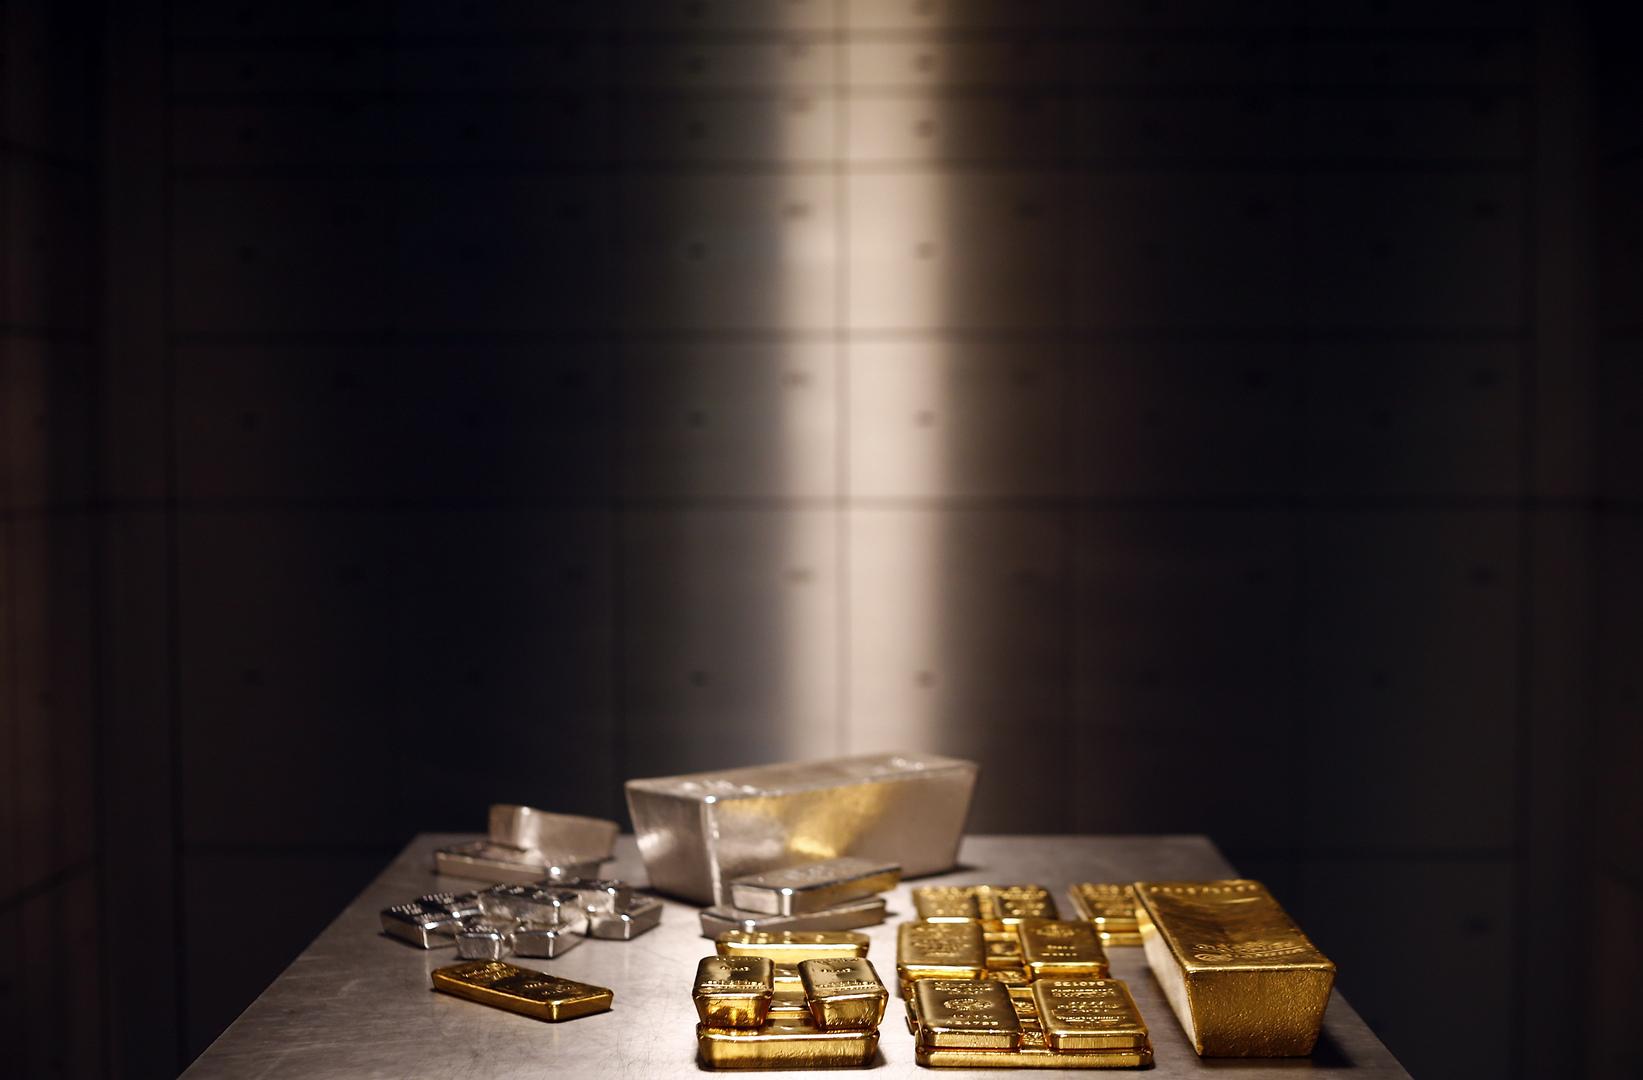 أسعار الذهب ترتفع عن أدنى مستوى في 9 أشهر